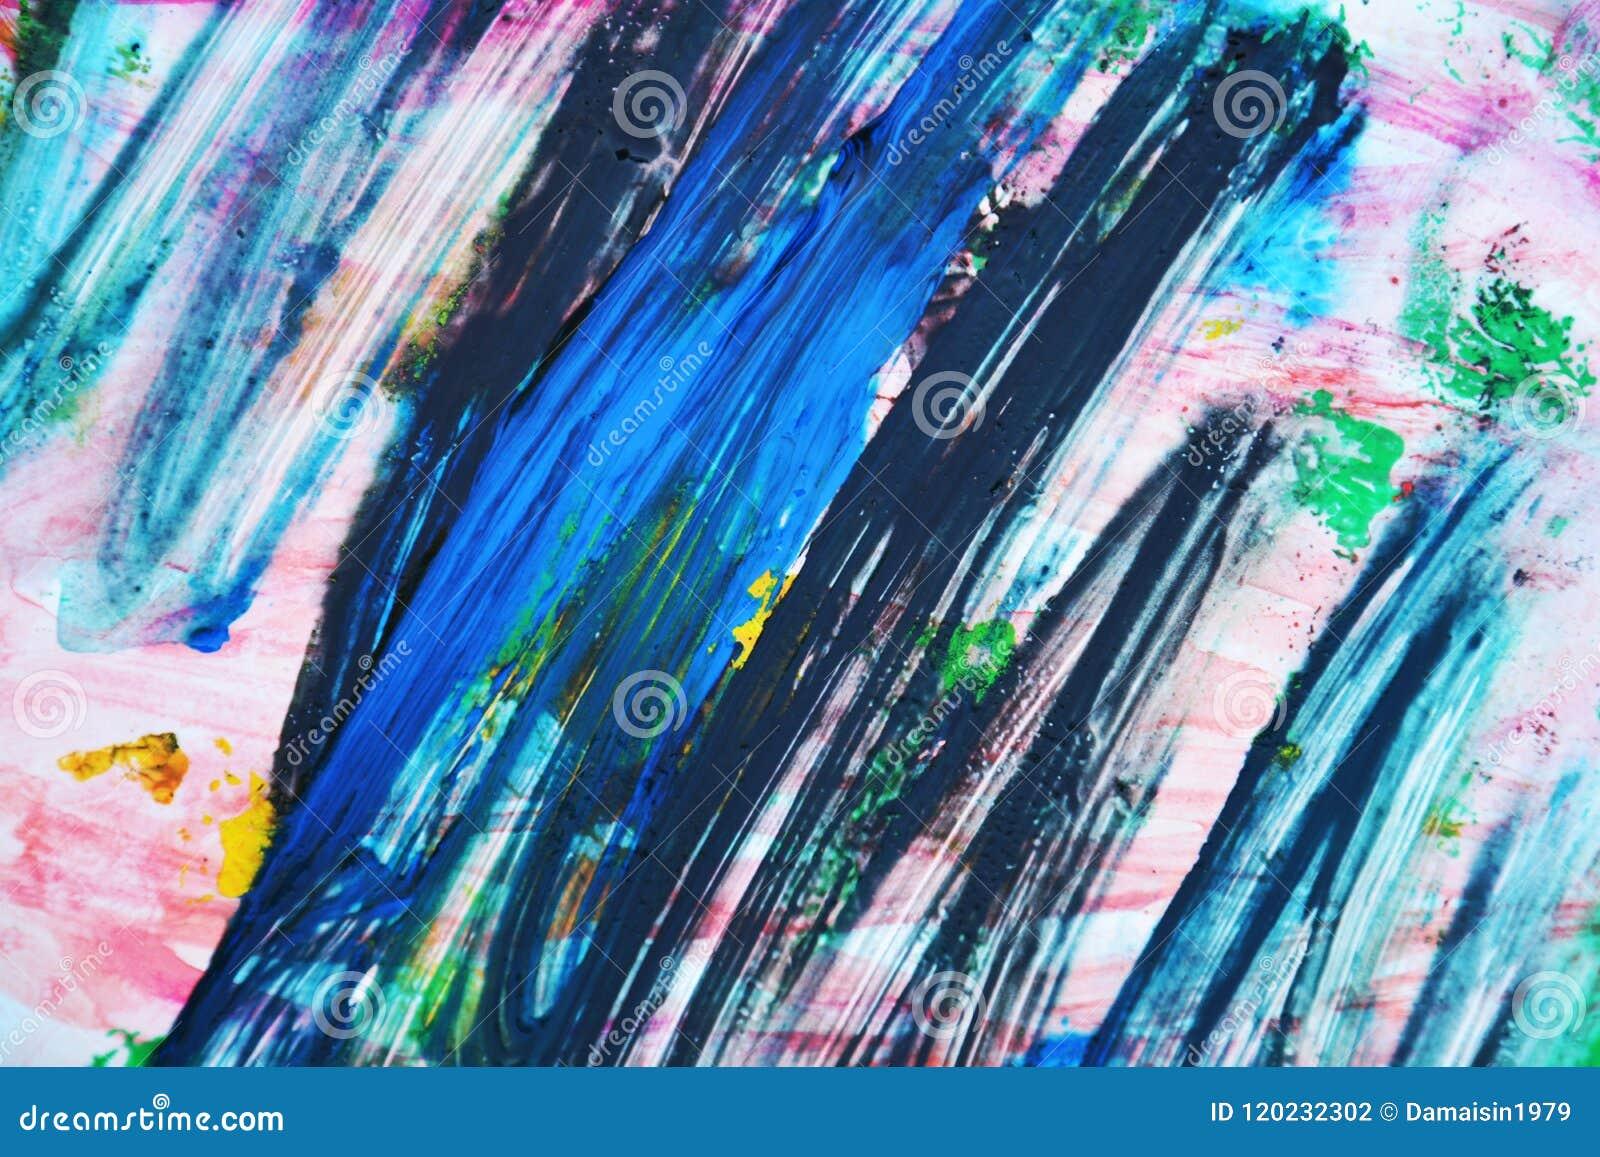 Le Fond Rose Abstrait De Peinture De Vert Bleu Couleurs Douces De